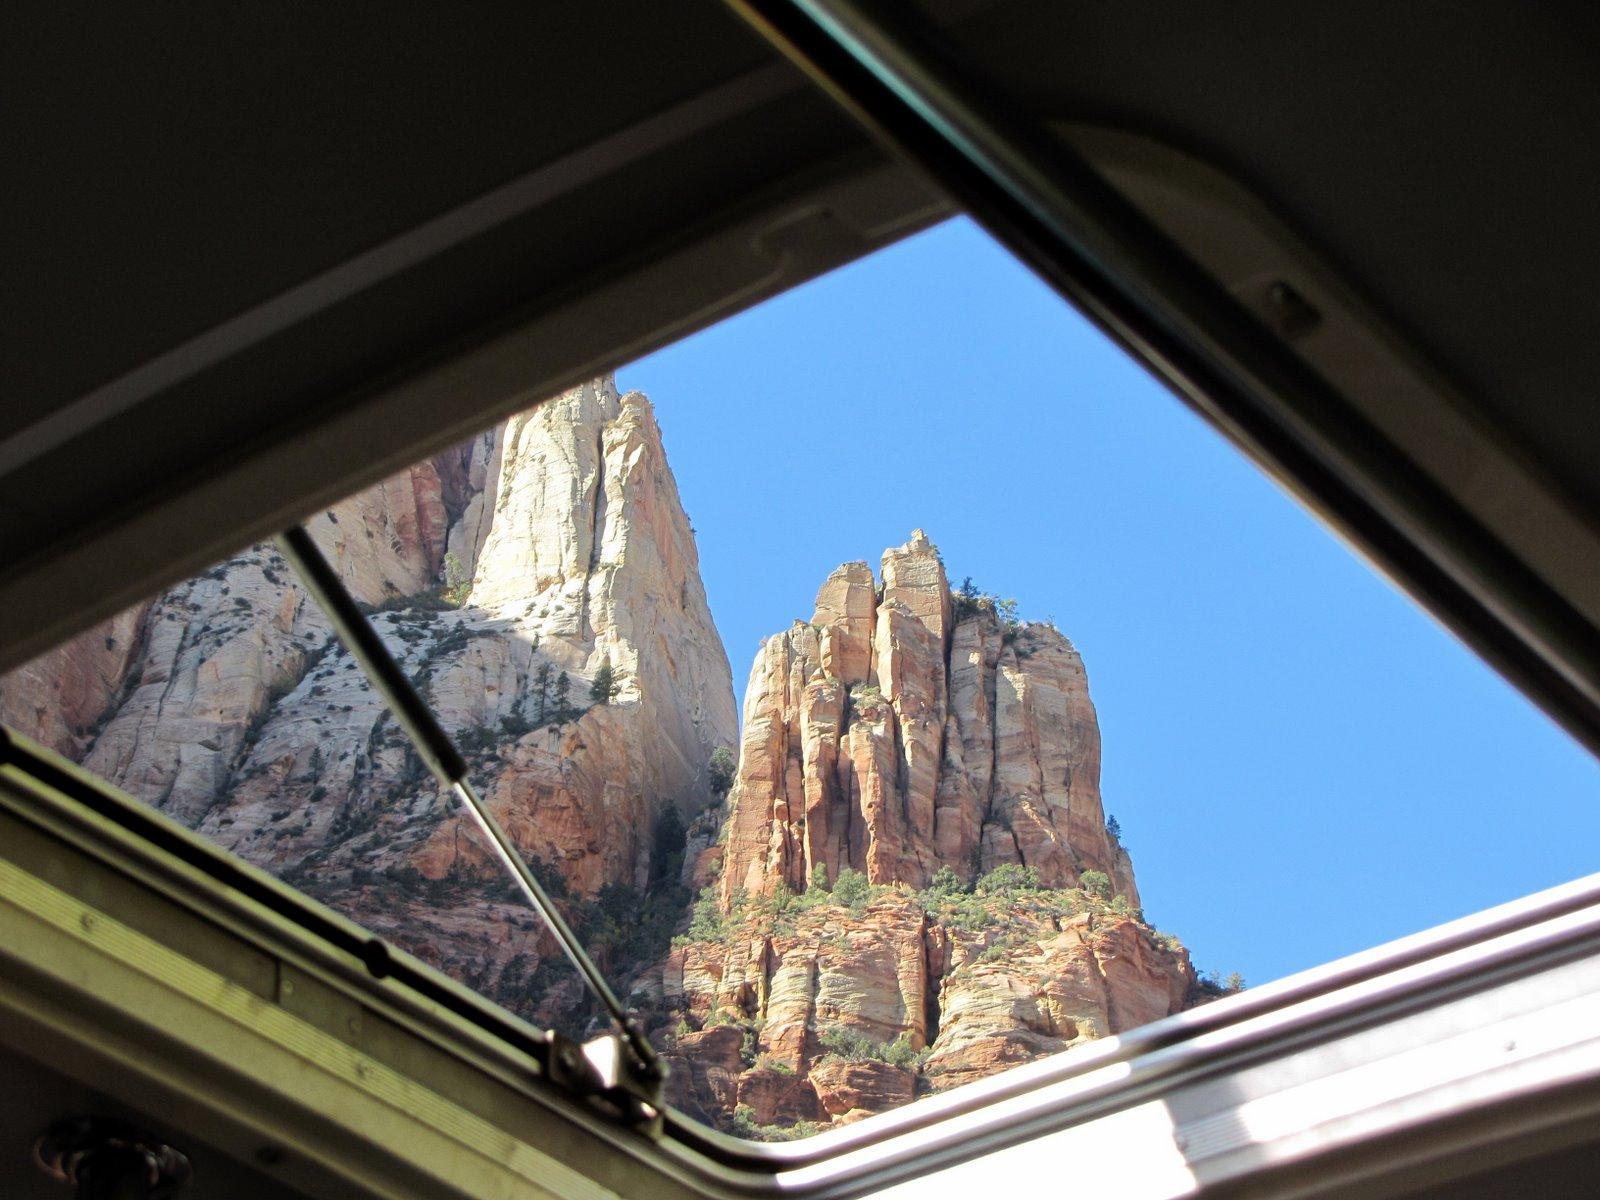 Busz tetőablakán keresztül is hihetetlen a látvány  Awesome view through the roof-window of the bus